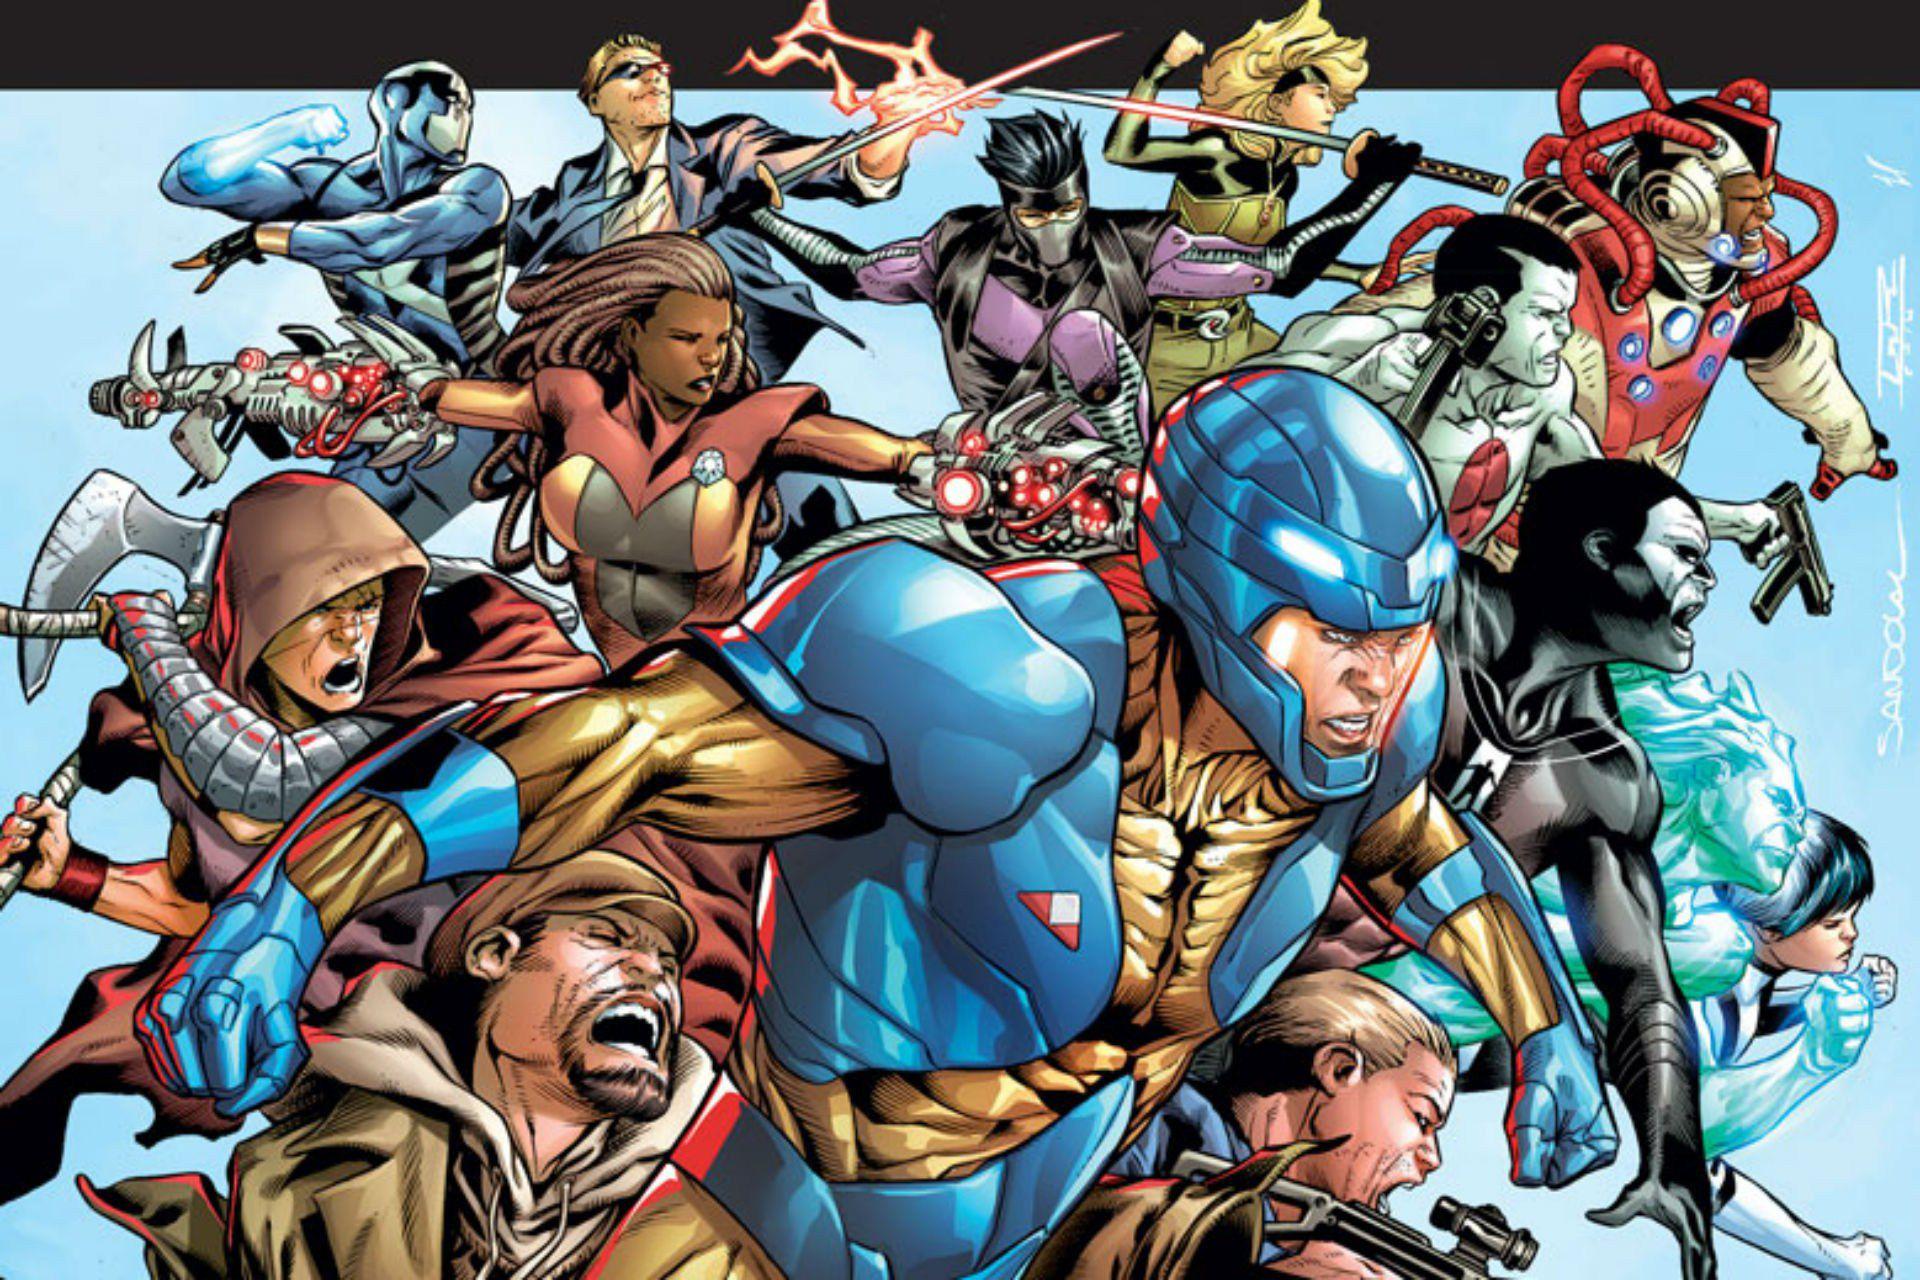 comic book colorist job description skills and tools